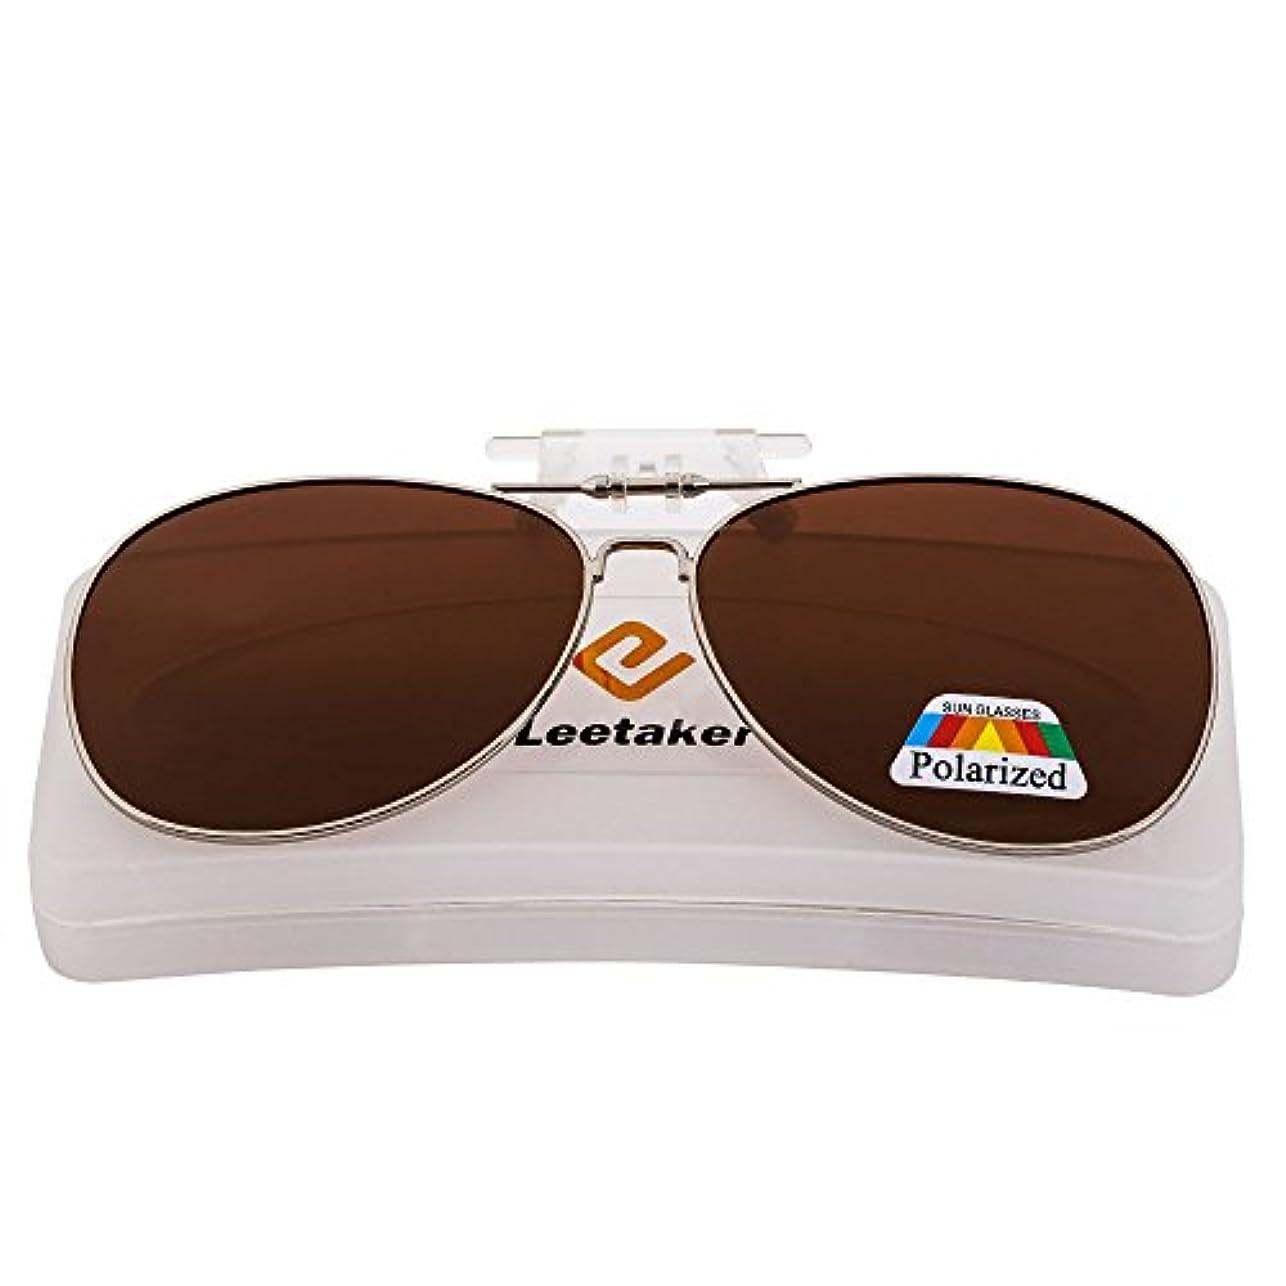 解釈低い霊Leetaker クリップ式 サングラス 前掛け 眼鏡の上から偏光サングラス 偏光 運転用 昼夜兼用 男女兼用 ブラウン